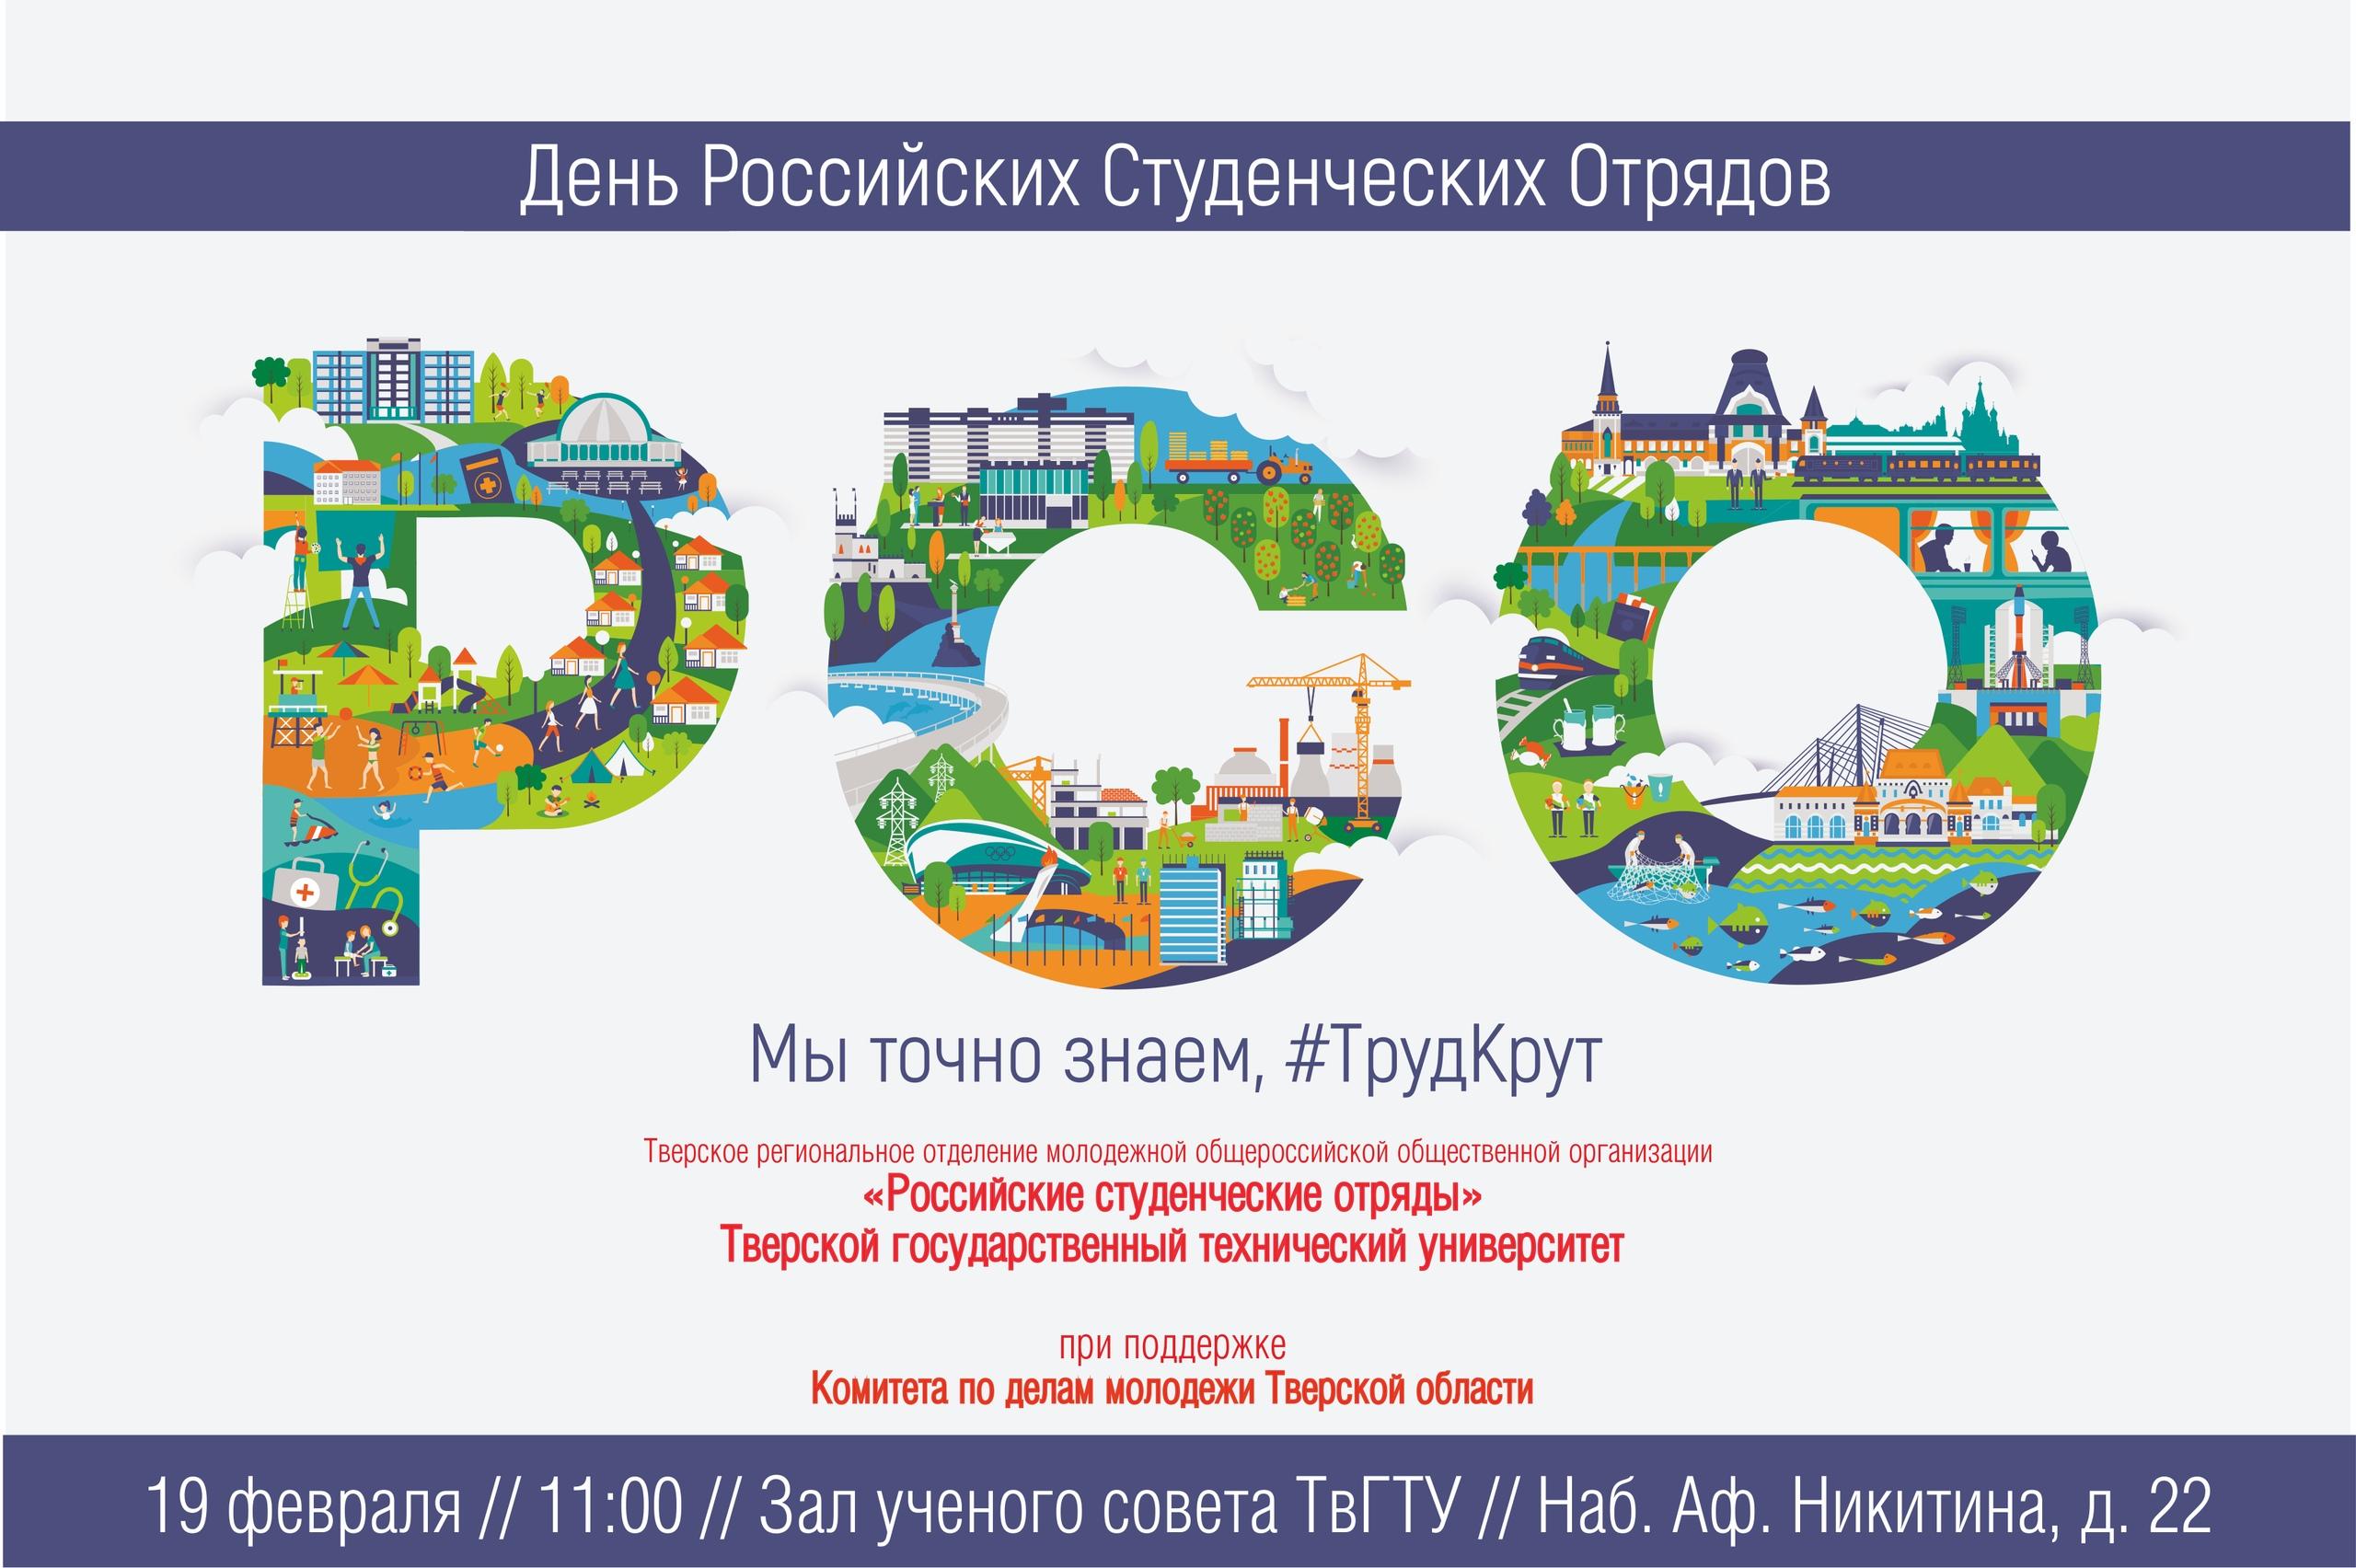 В Твери пройдет торжественная встреча, посвященная Дню Российских студенческих отрядов